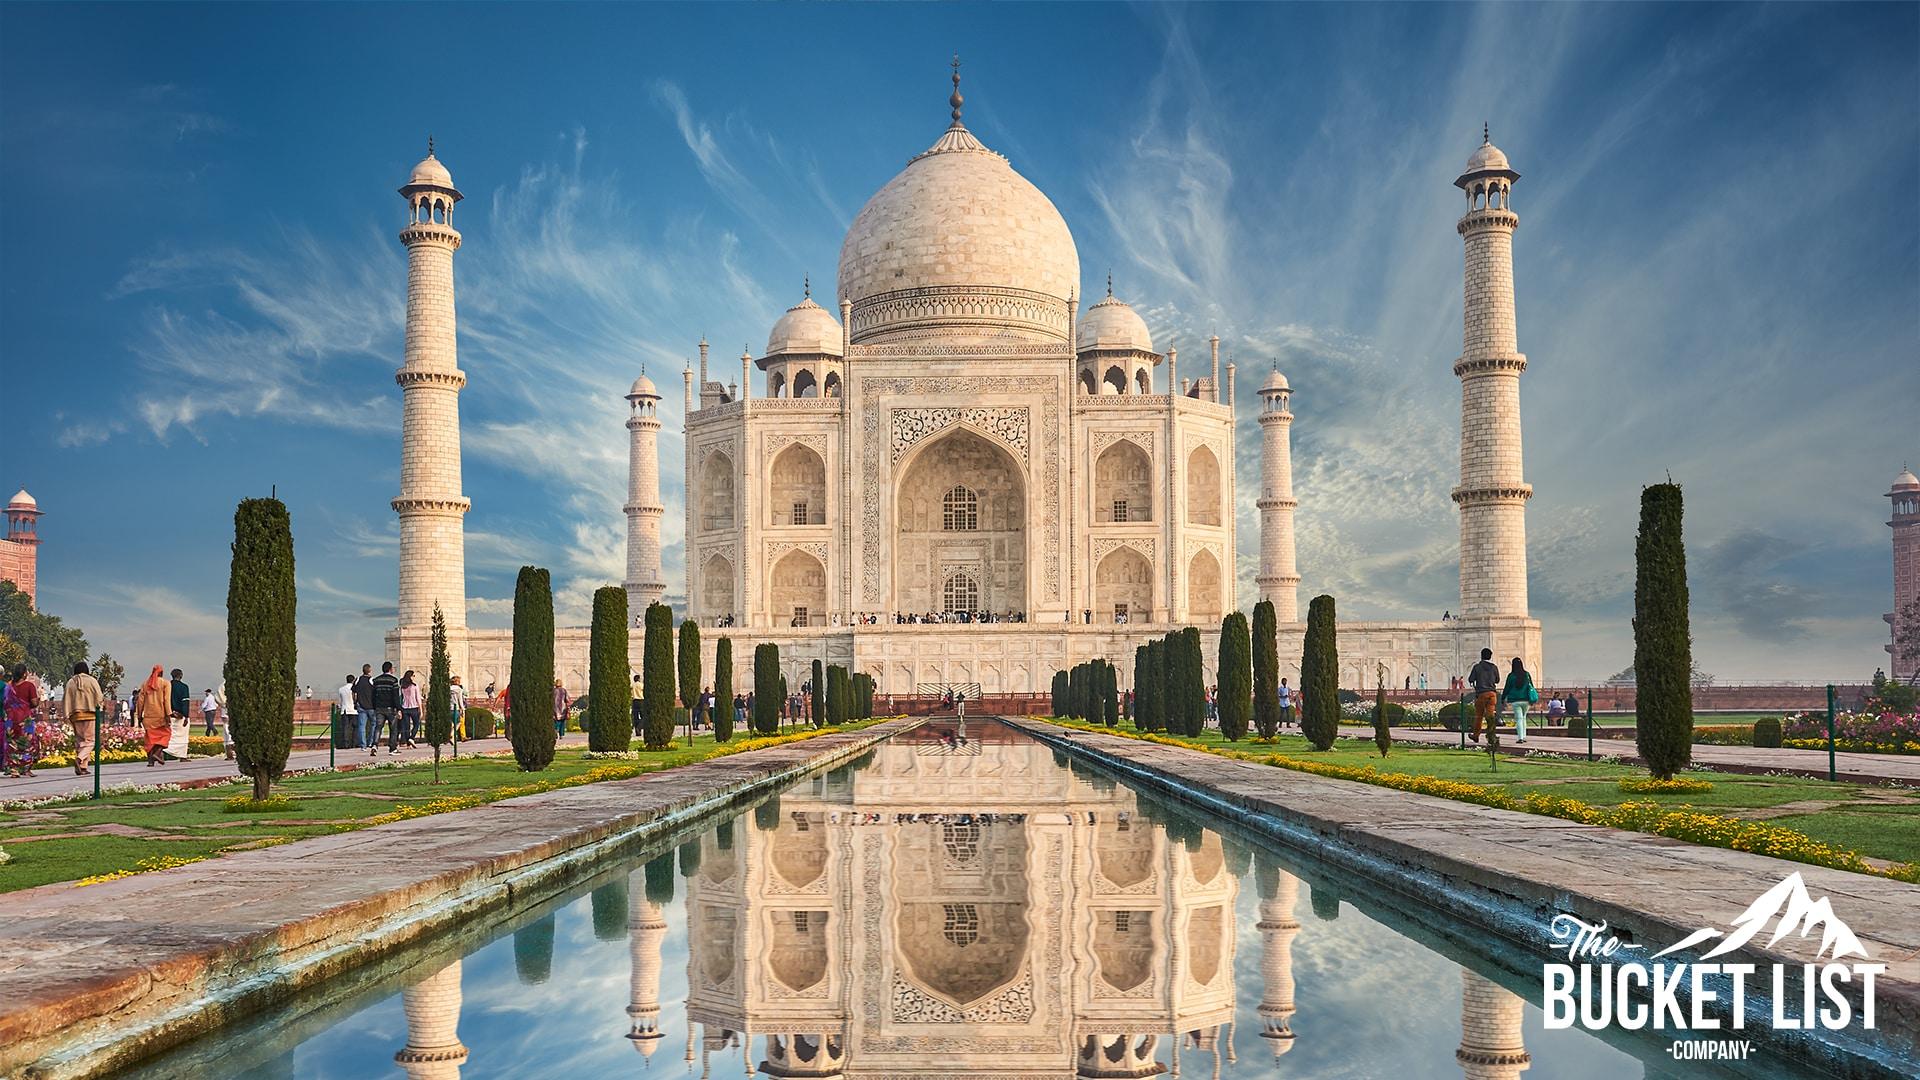 a Photo of the Taj Mahal in India